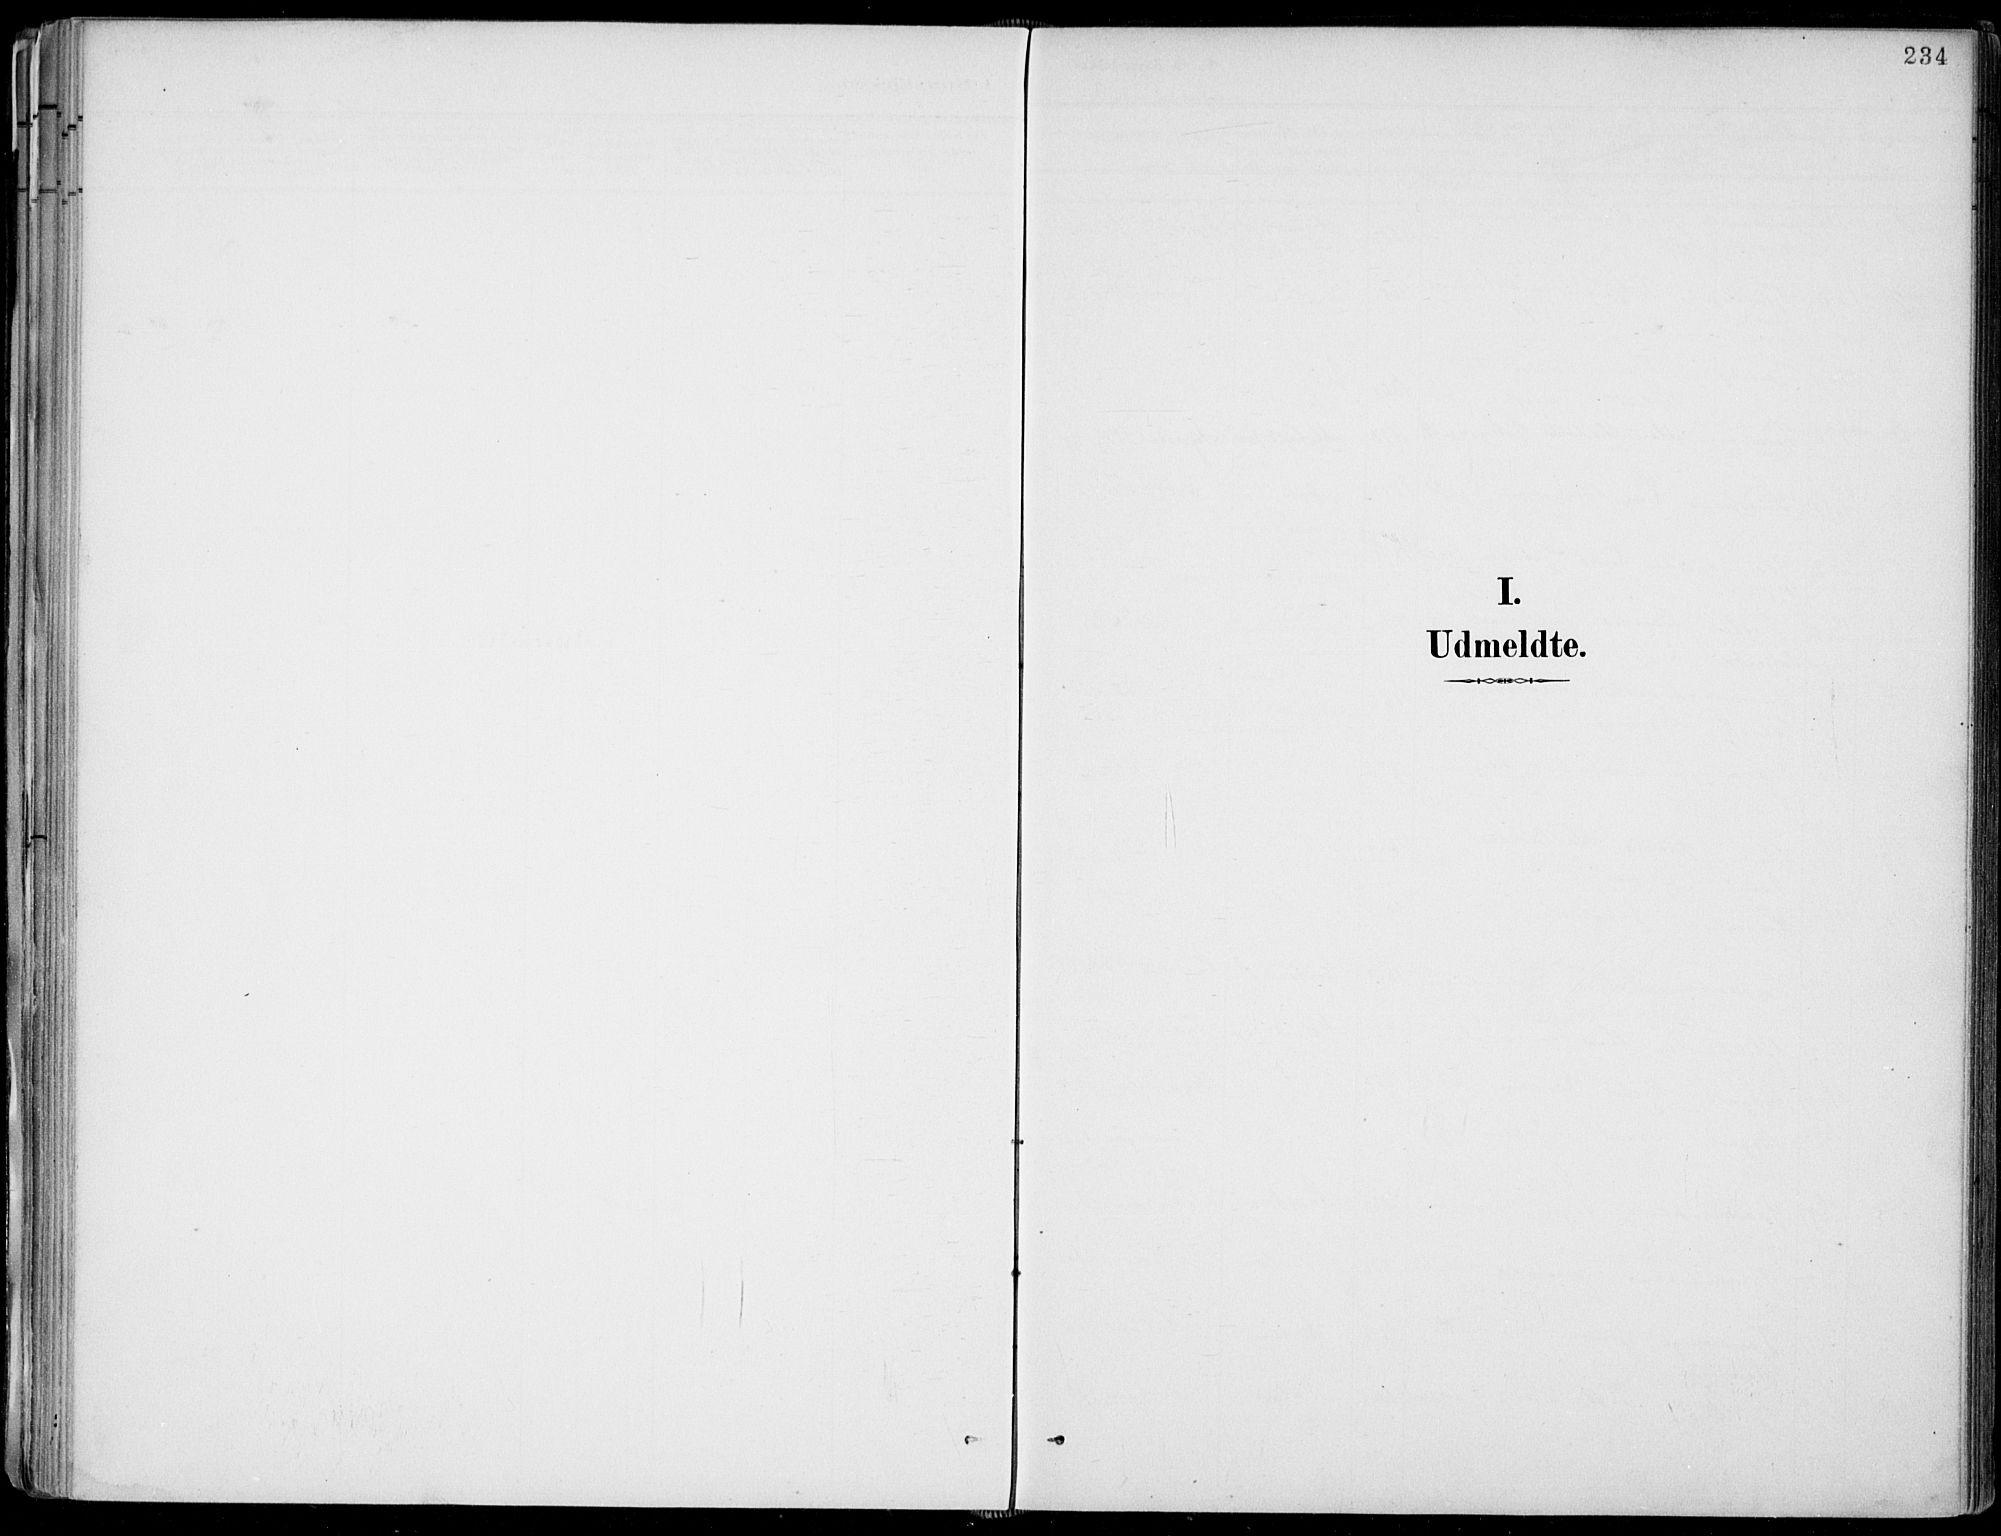 SAKO, Fyresdal kirkebøker, F/Fa/L0007: Ministerialbok nr. I 7, 1887-1914, s. 234